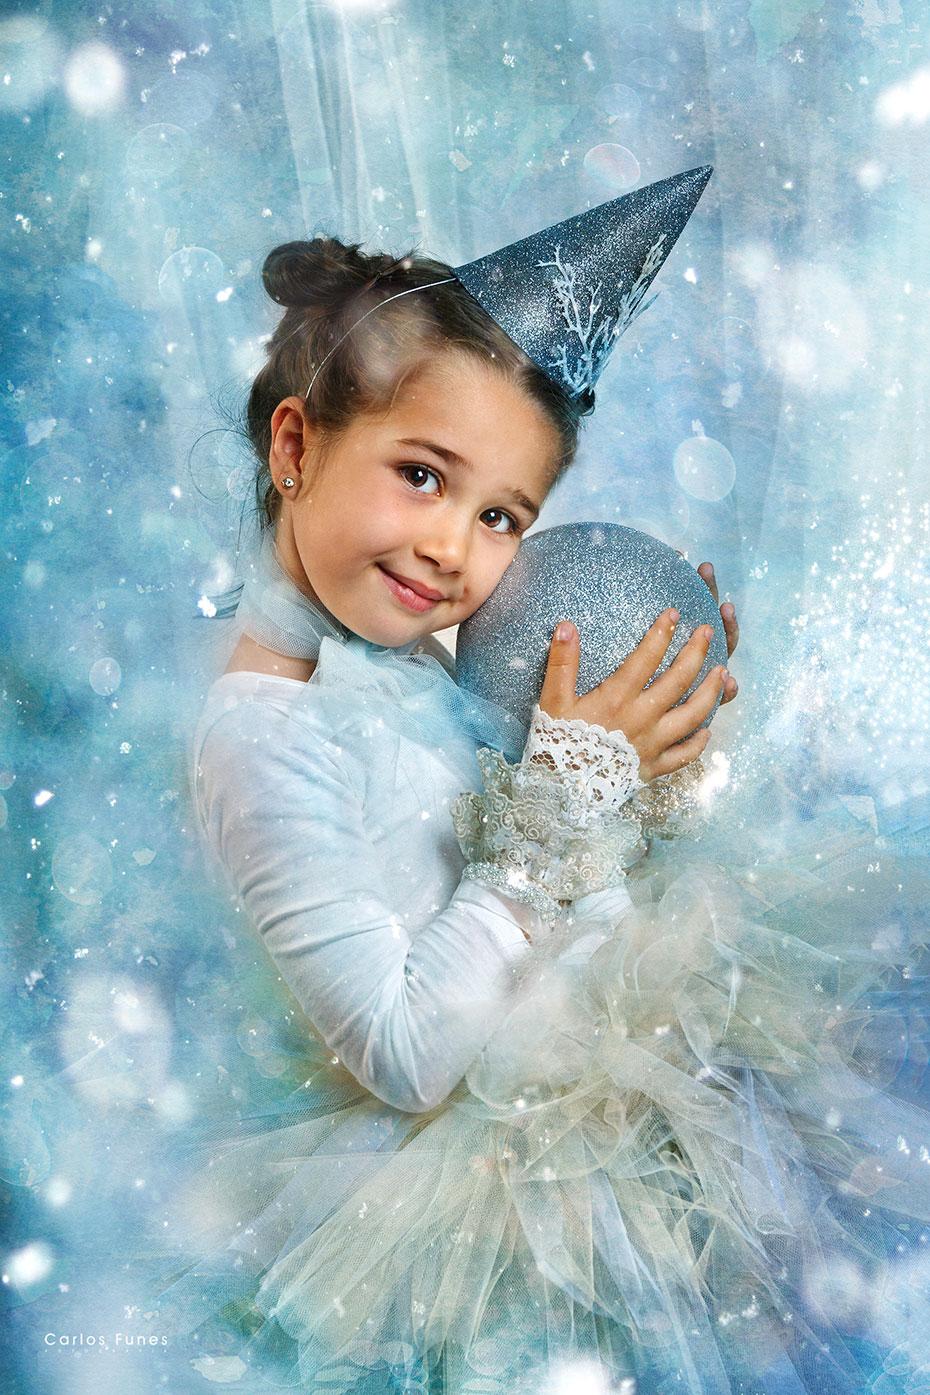 Campaña de mini sesiones de navidad fotográficas. Postal navideña infantil. Estudio Carlos Funes Granada. ©2018